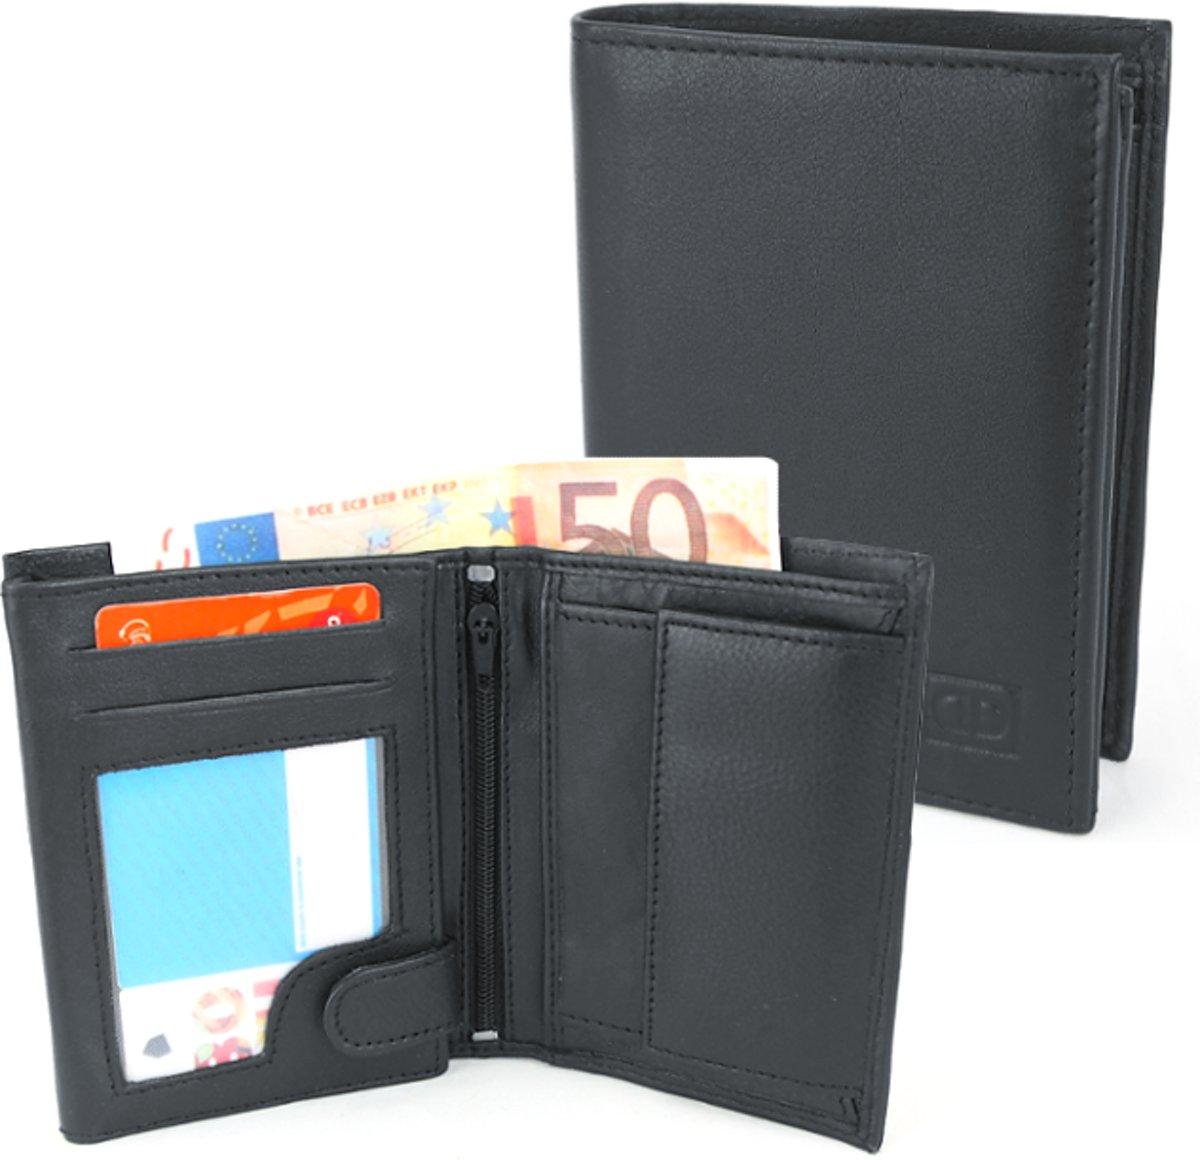 34cfbbe509c bol.com | Portemonnee kopen? Alle Portemonnees online